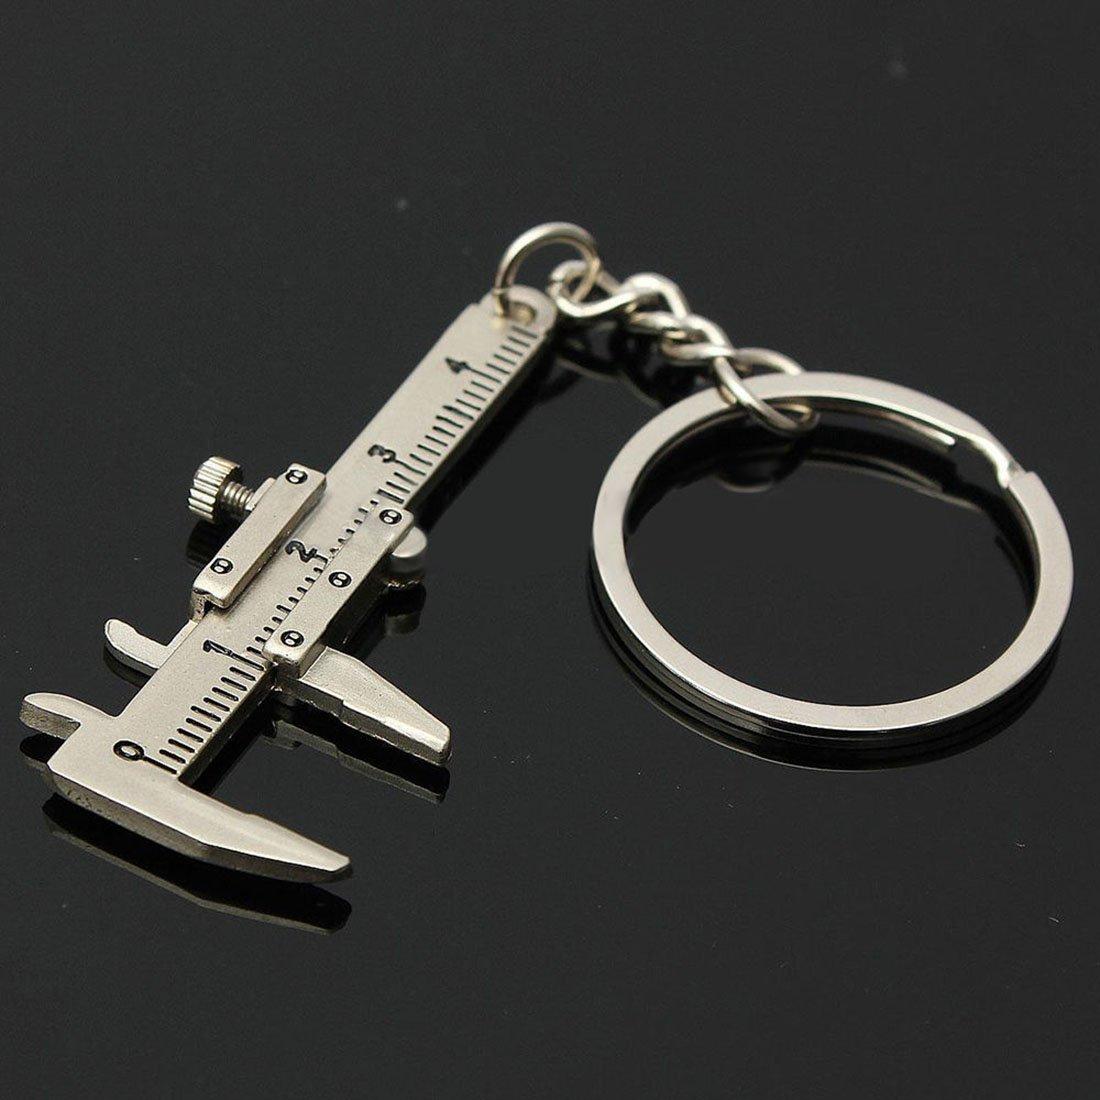 Nrpfell Useful Mini Vernier Caliper Tool Pendant Slider Slides Keyring Key Chain 10CM by Nrpfell (Image #6)